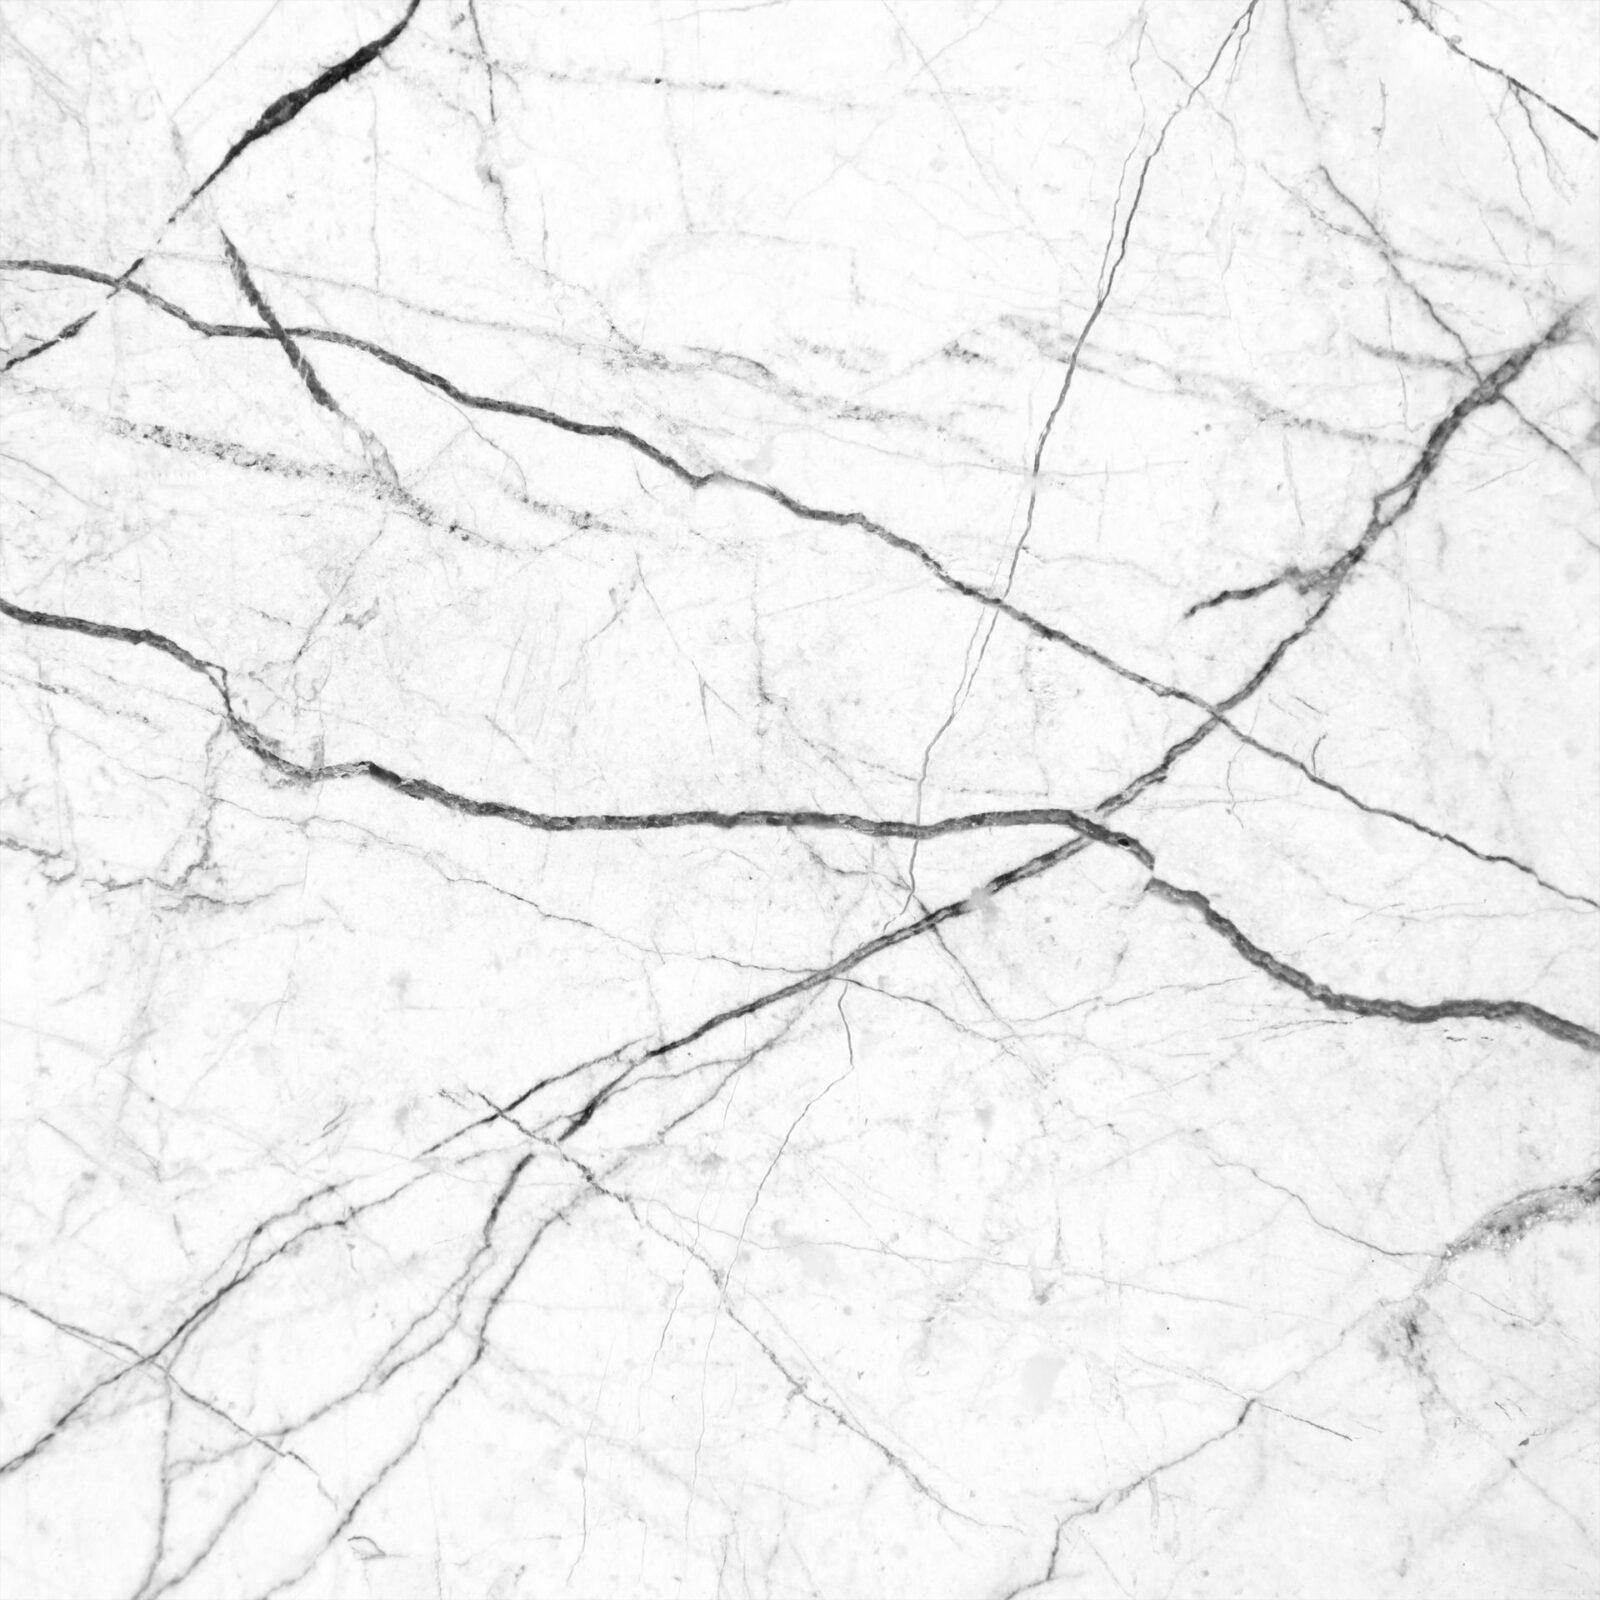 לוחות שיש גרניט טבעי - לבן סדוק שחור